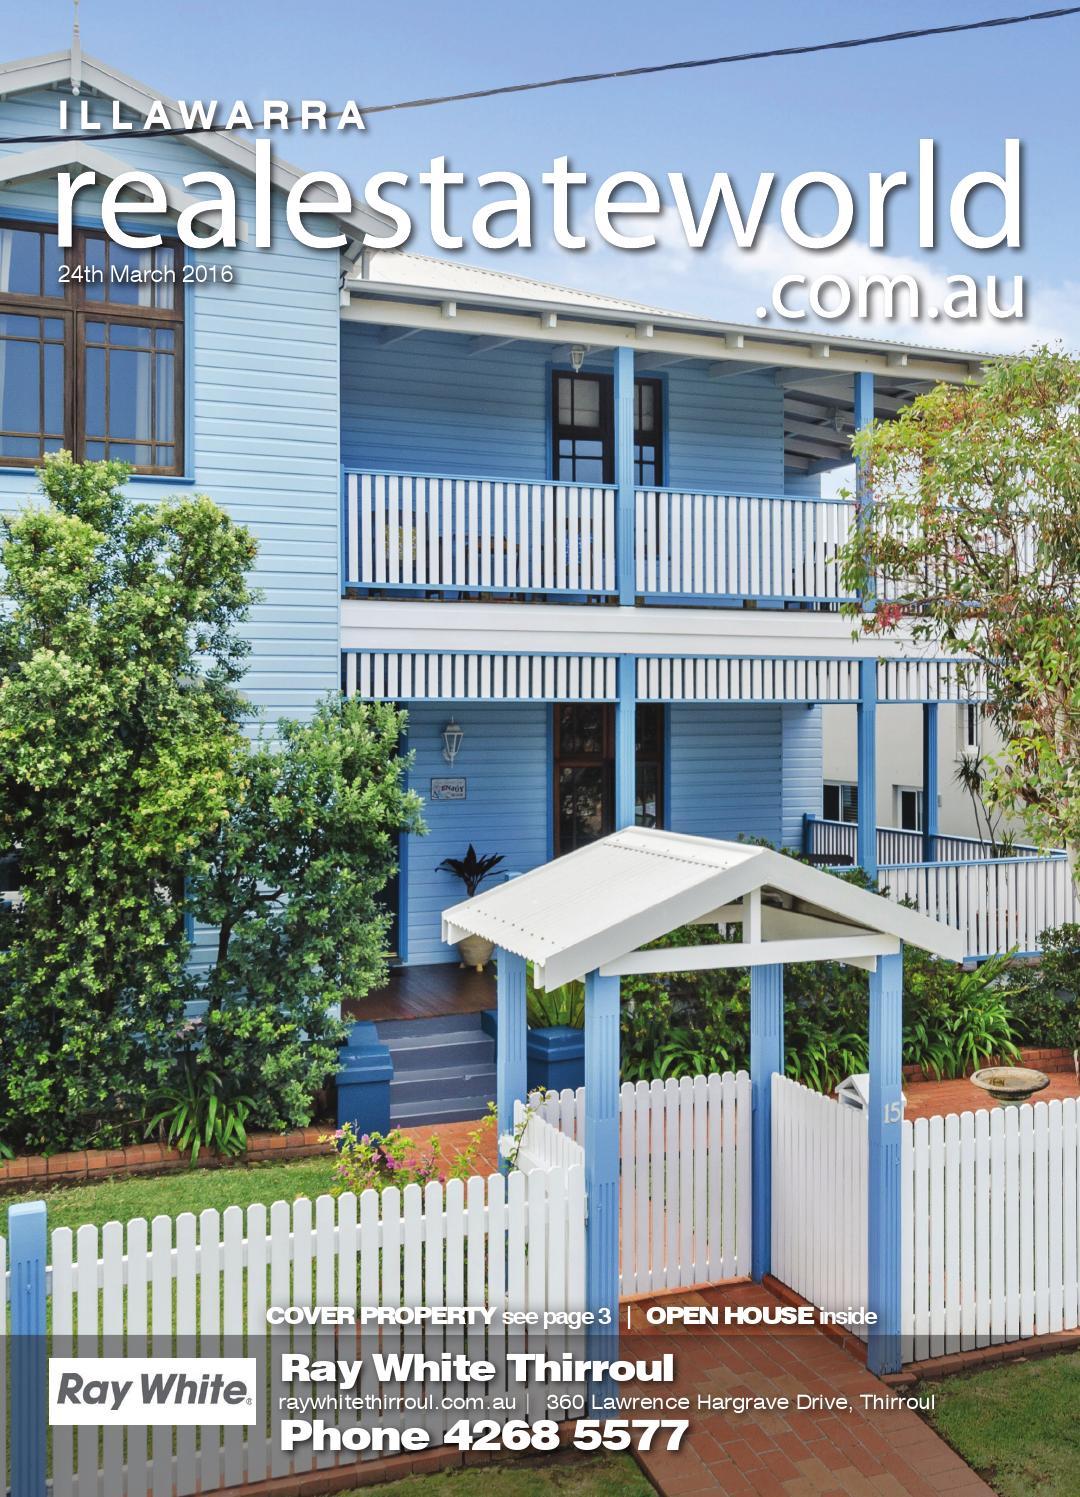 realestateworld.com.au - Illawarra Real Estate Publication, Issue 24 ...